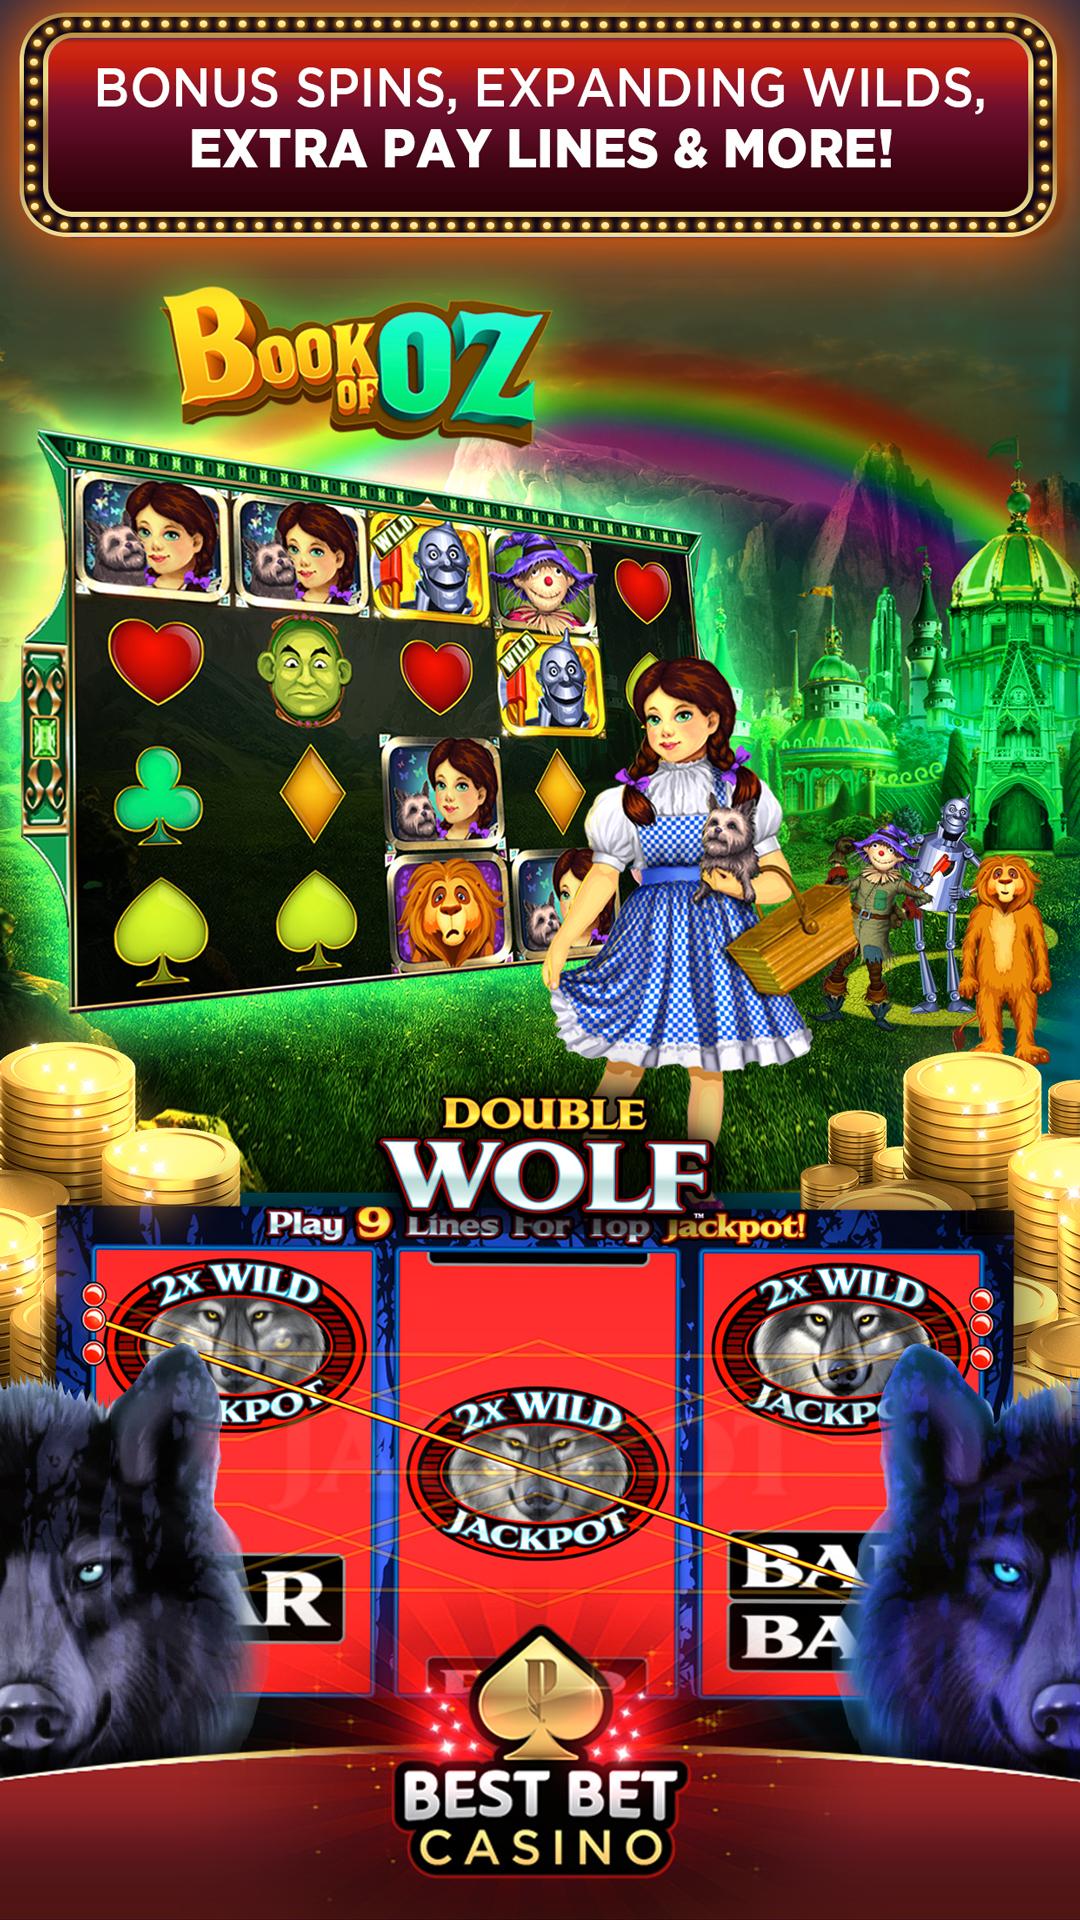 Ignition casino eu